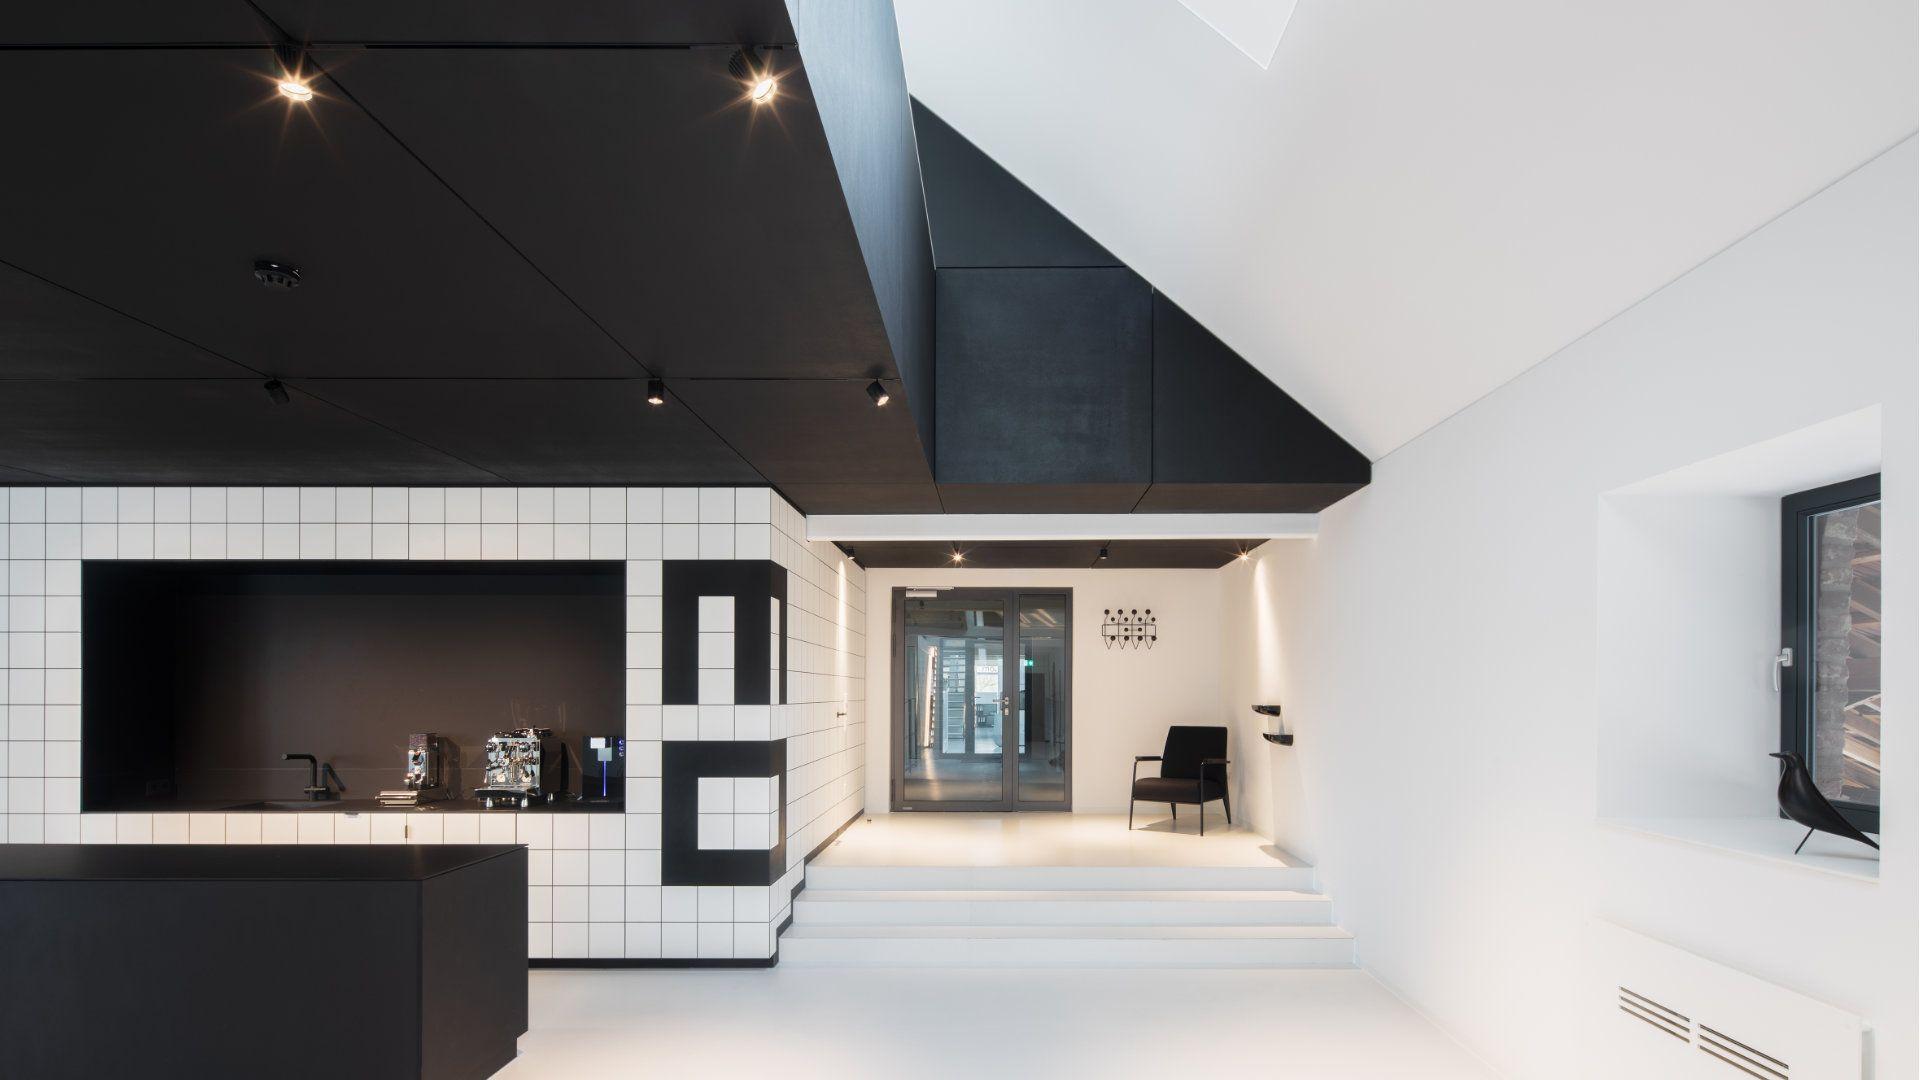 mo.studio fliesen küche stuhl dach schwarz weiß